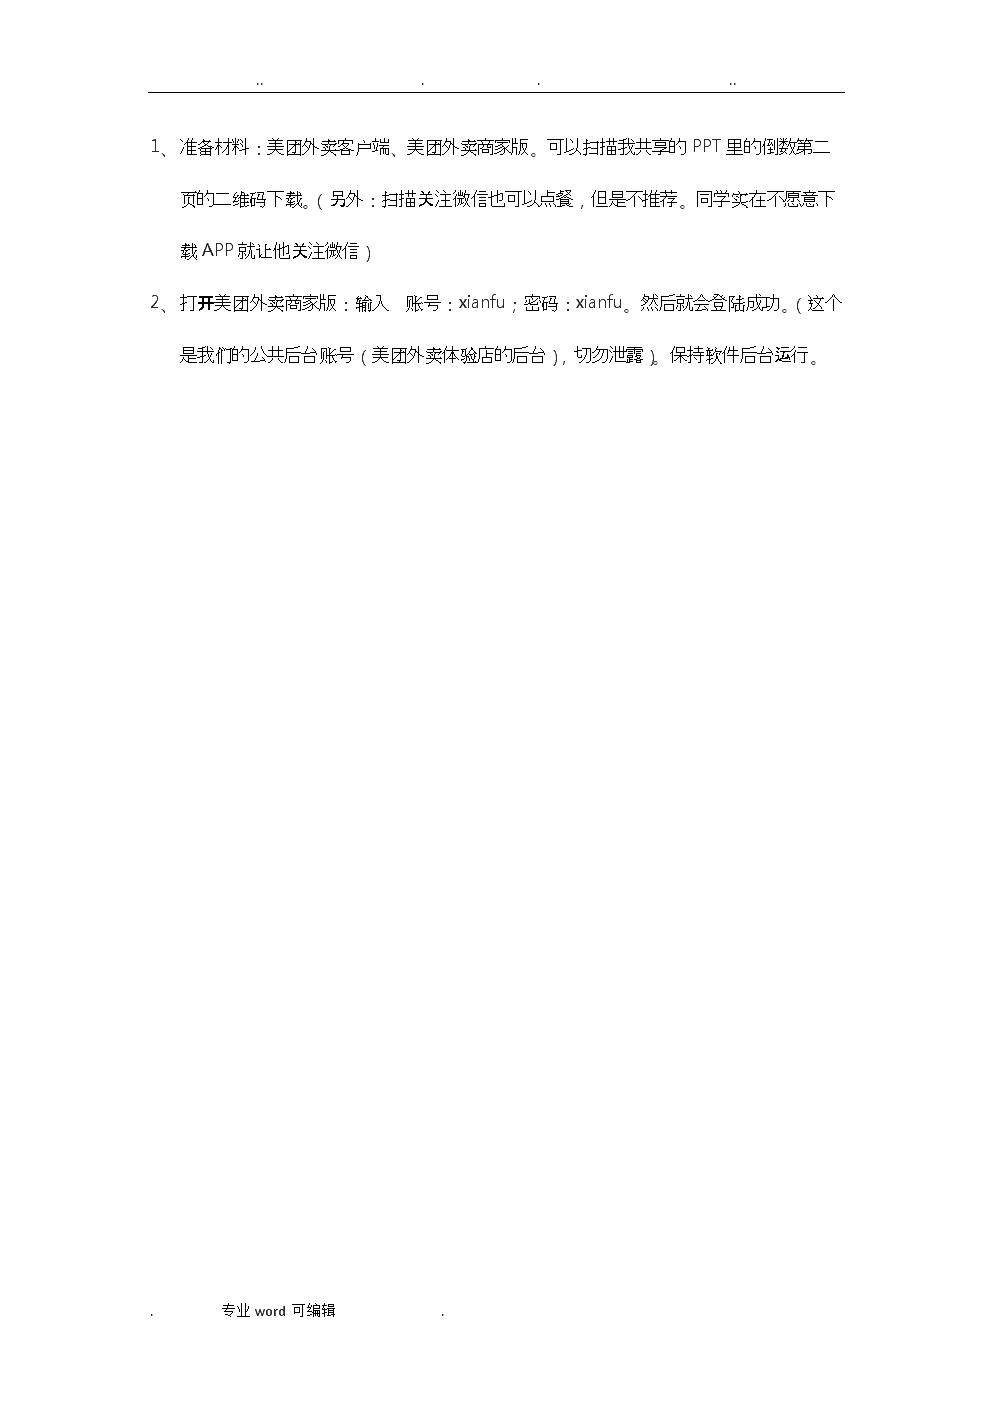 美团外卖订餐演示流程图.doc